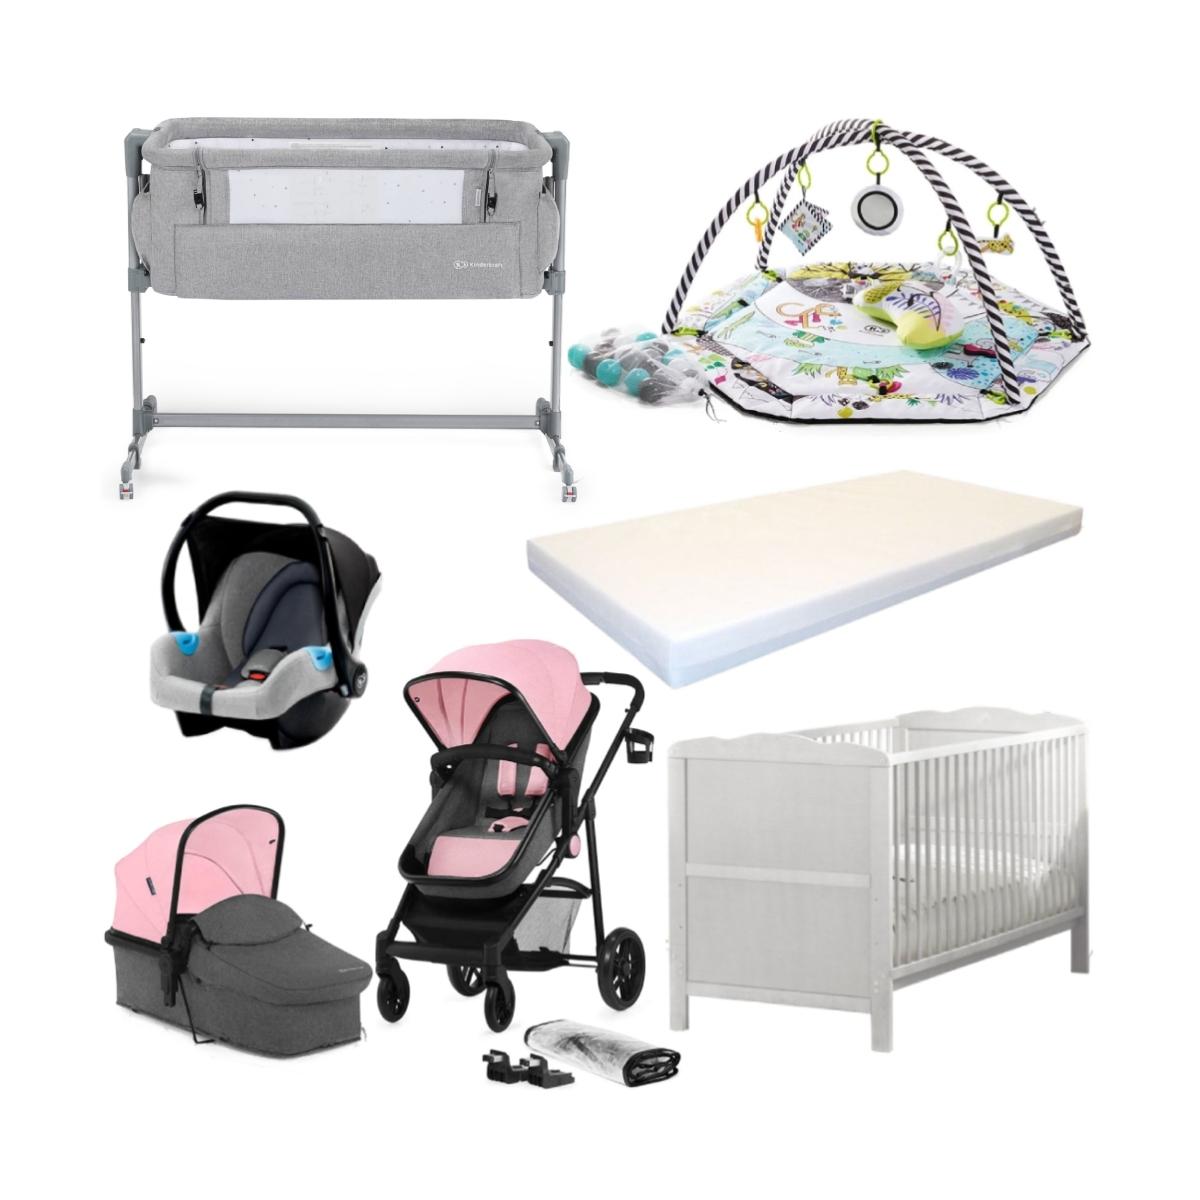 Kinderkraft Juli & Cot Bed Bundle-Pink